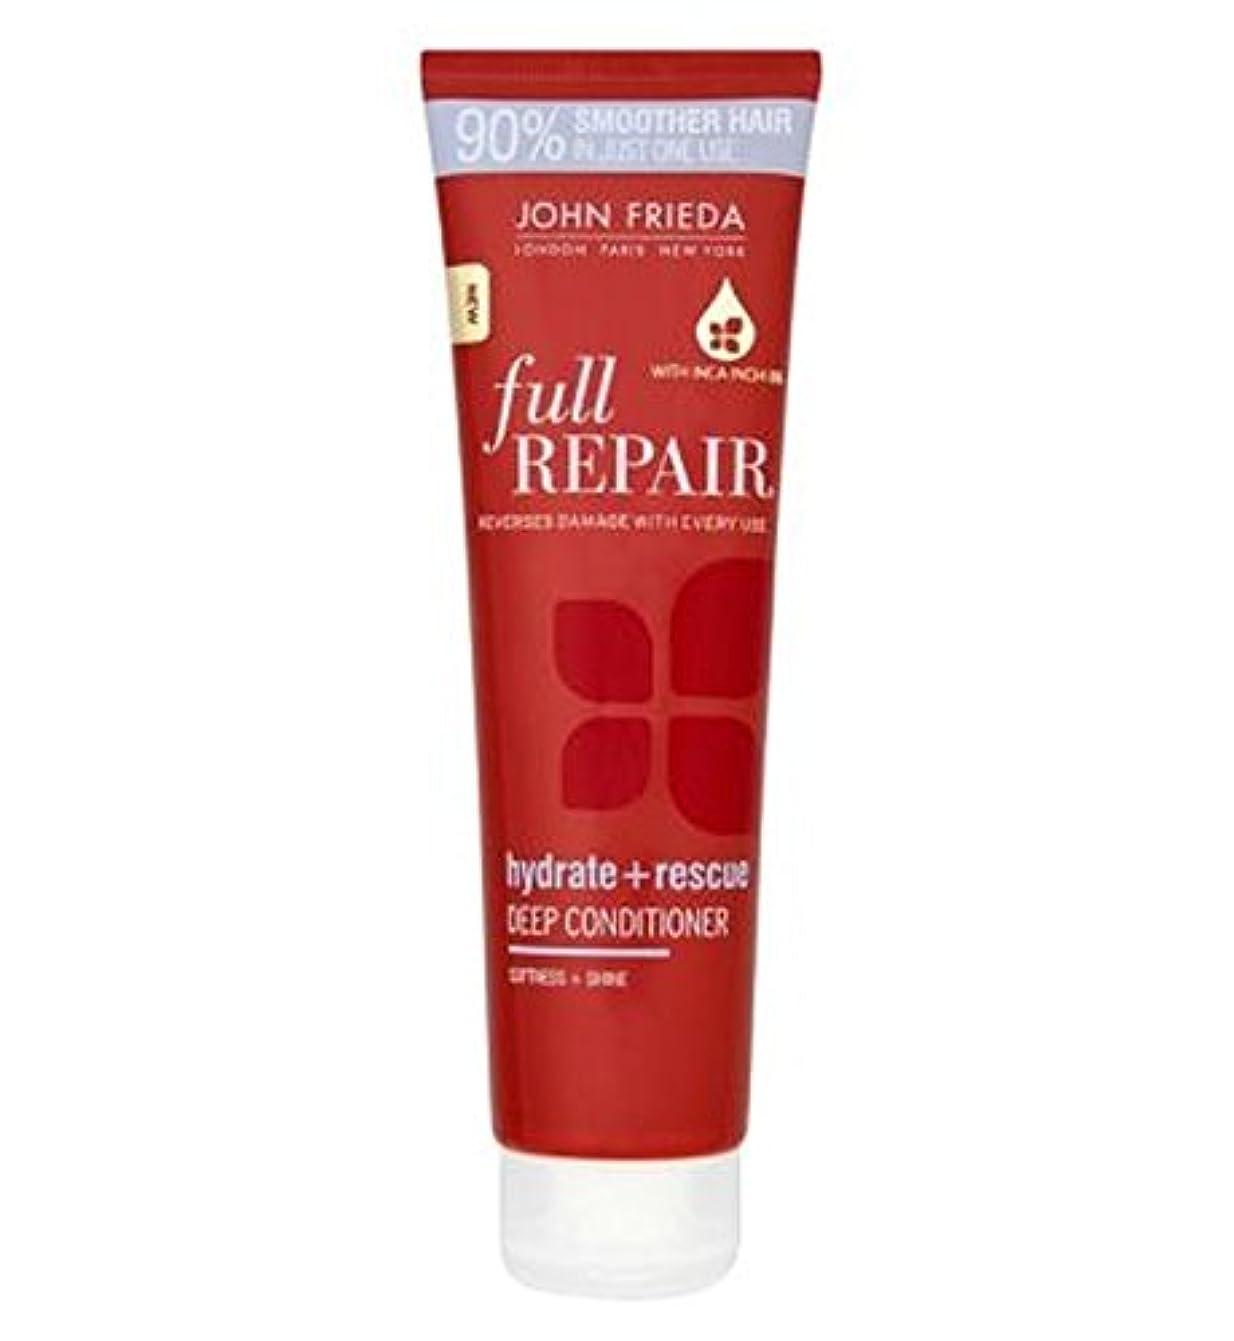 ジャーナリスト四家禽ジョン?フリーダ完全な修復水和物+救助深いコンディショナー150ミリリットル (John Frieda) (x2) - John Frieda Full Repair Hydrate + Rescue Deep Conditioner 150ml (Pack of 2) [並行輸入品]